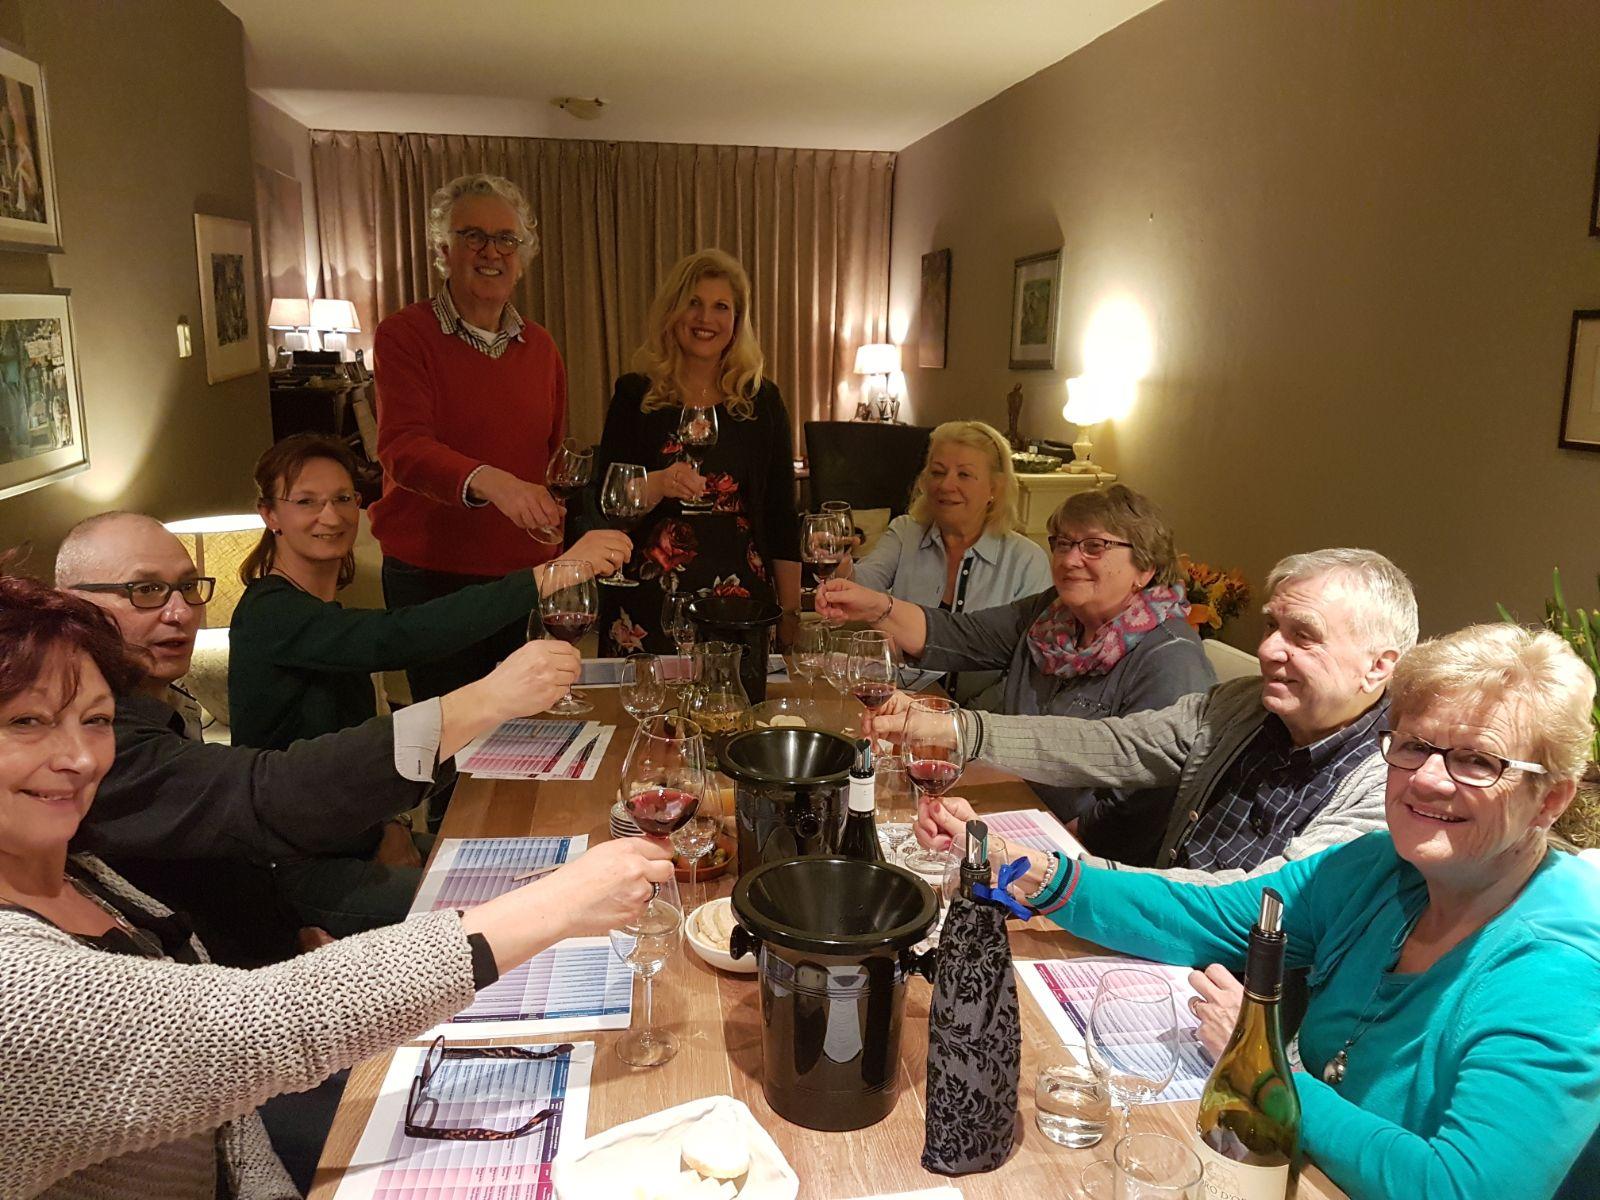 - Standaard wijnproeverij €19,95 p.p.*Wat is inbegrepen:6 verschillende glazen wijn uit mooie wijngebieden2 uur interactie met een goed opgeleide wijndeskundige op uw locatieKaas en stokbroodGlaswerk en proefformulierenDe grootte van de groep is minimaal 8 en maximaal 12 personen(indien meer personen, neem dan even contact op)Wanneer de groep kleiner is, wordt een basistarief gerekend* Buiten Breda komt er een kleine kilometervergoeding bij.